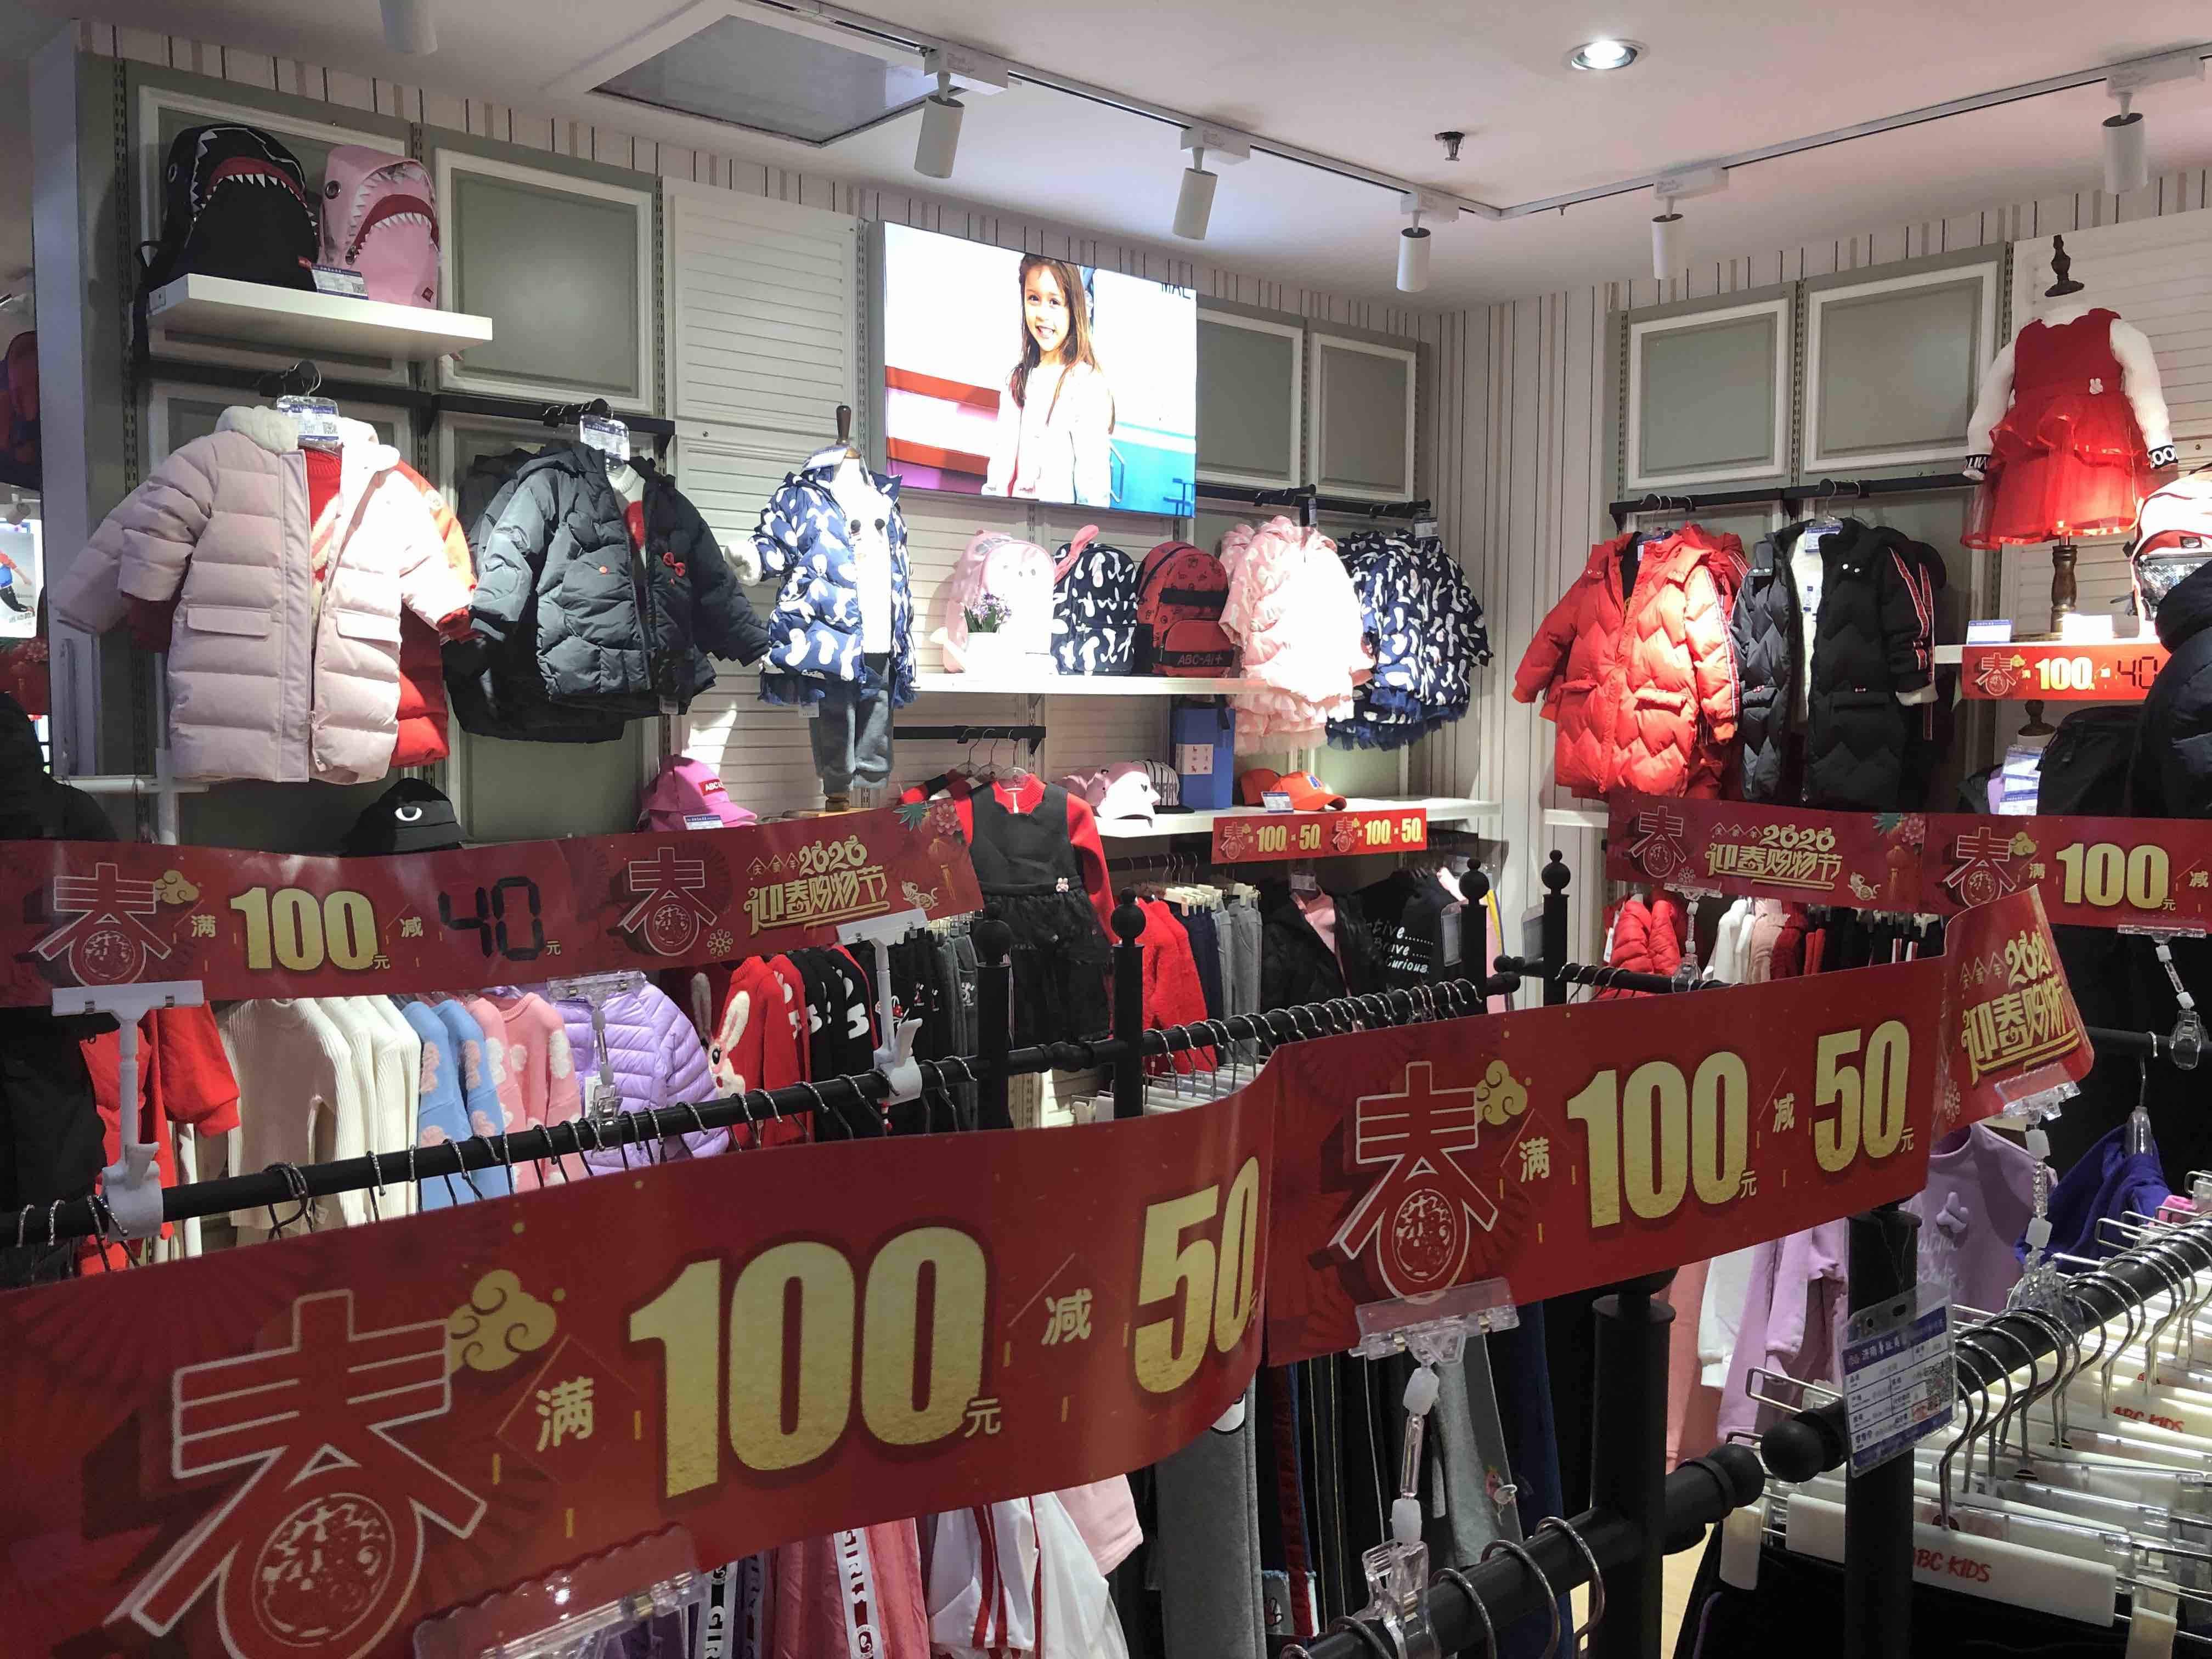 山东省市场管理局针对春节期间市场中儿童服装等进行抽样调查